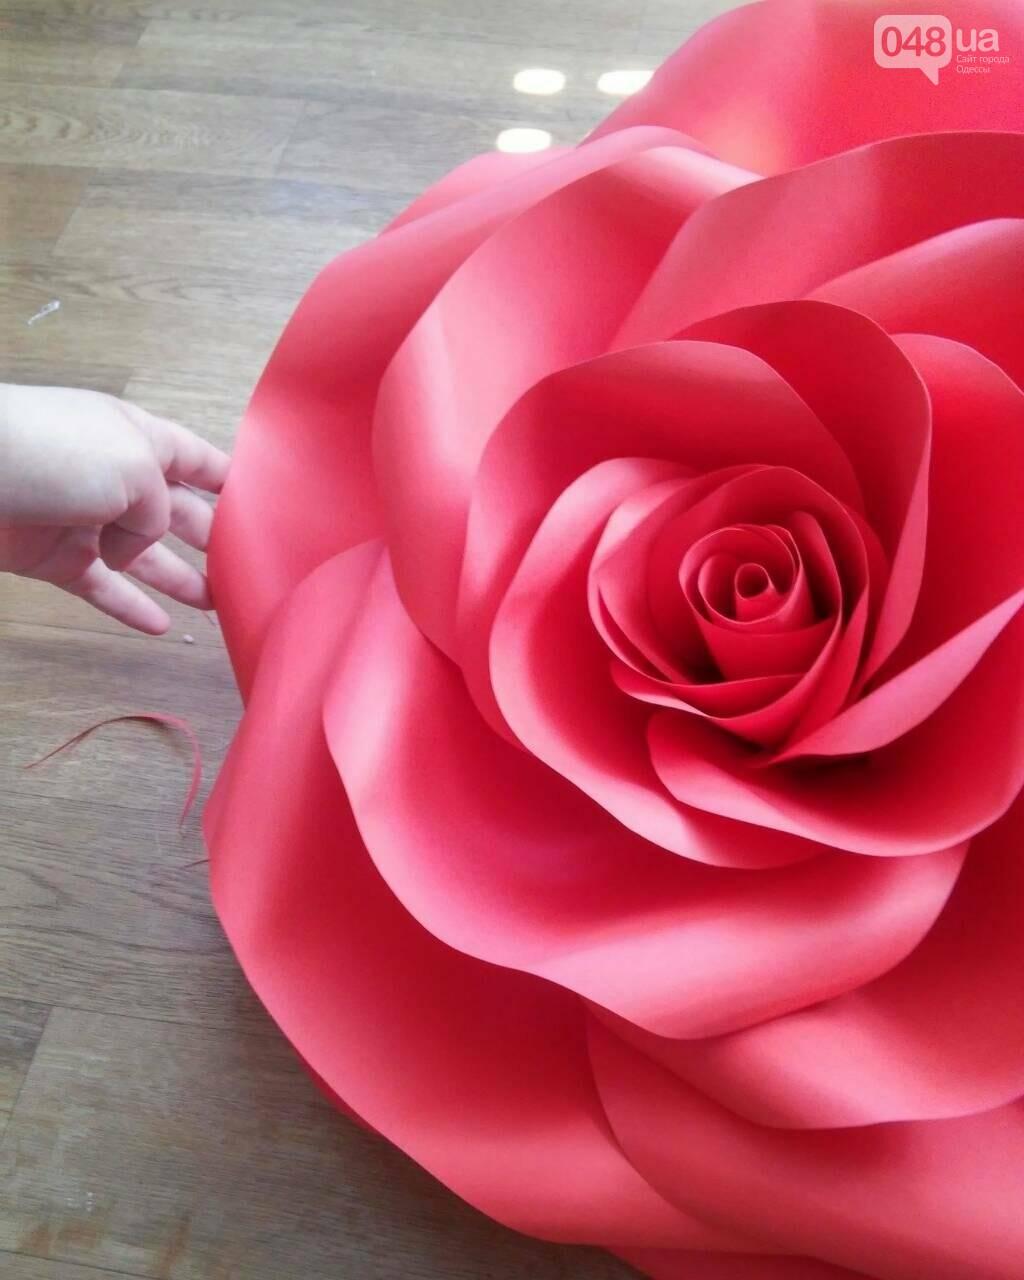 Необычный флорист из Одессы создает гигантские бутоны (ФОТО), фото-2